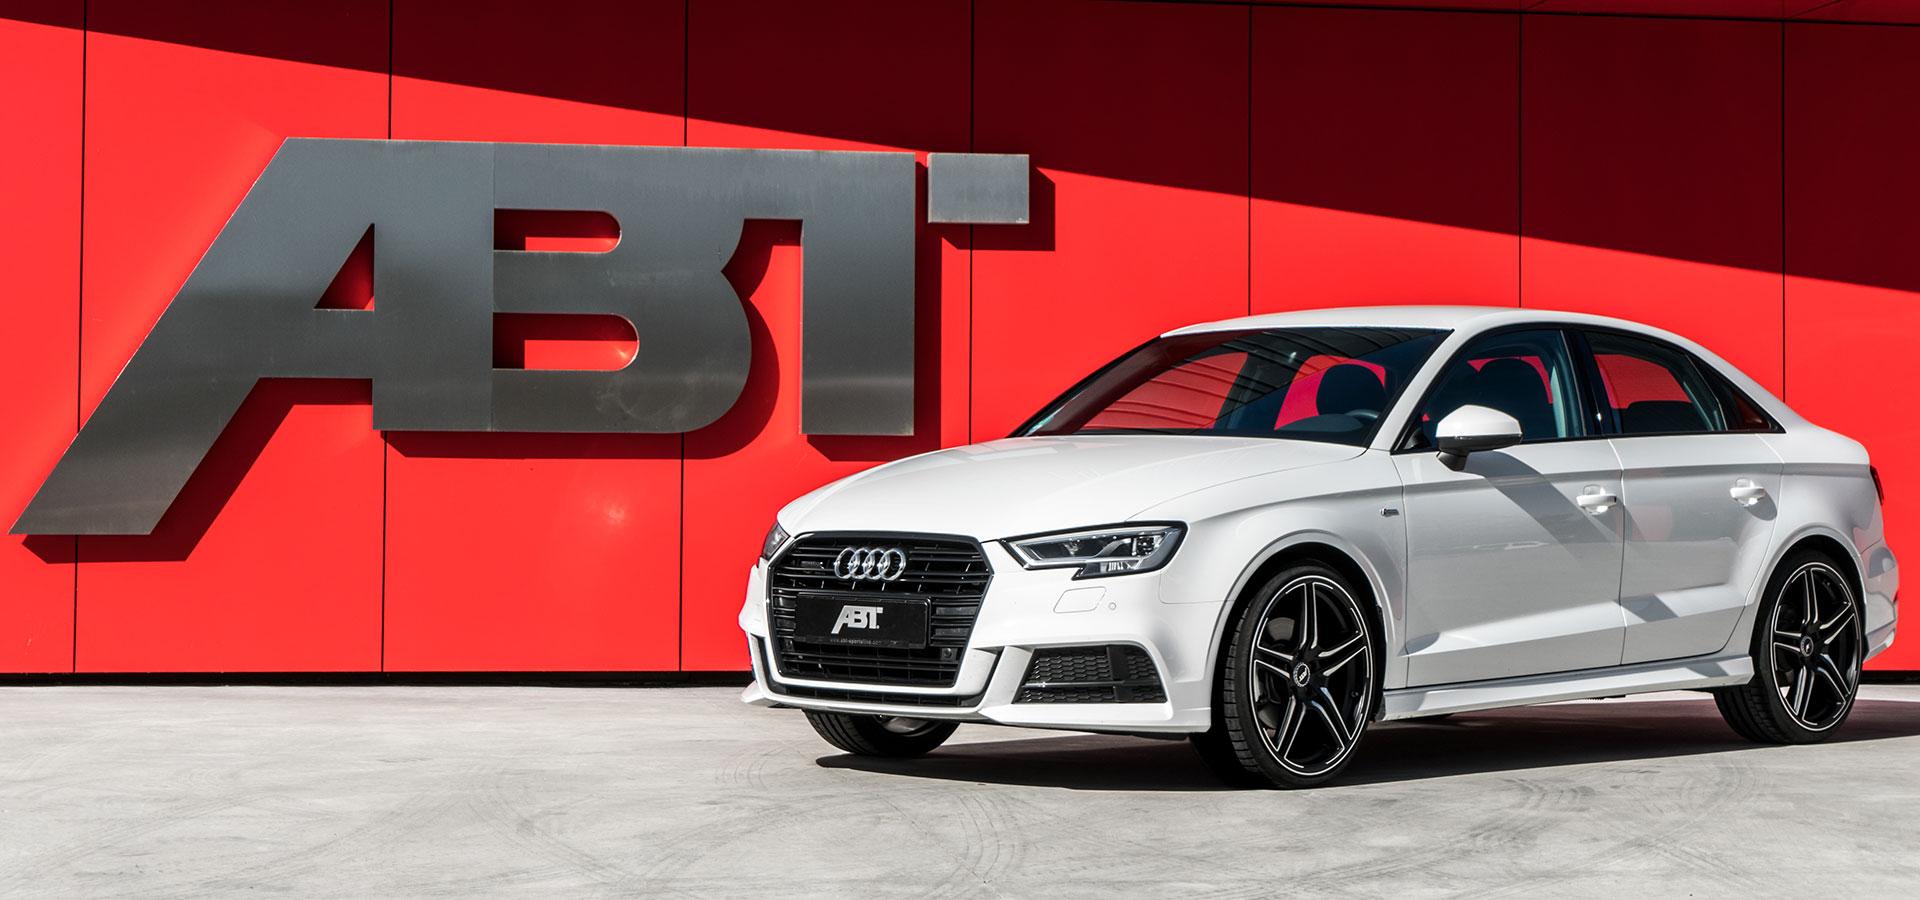 Kekurangan Audi S3 Sedan Spesifikasi